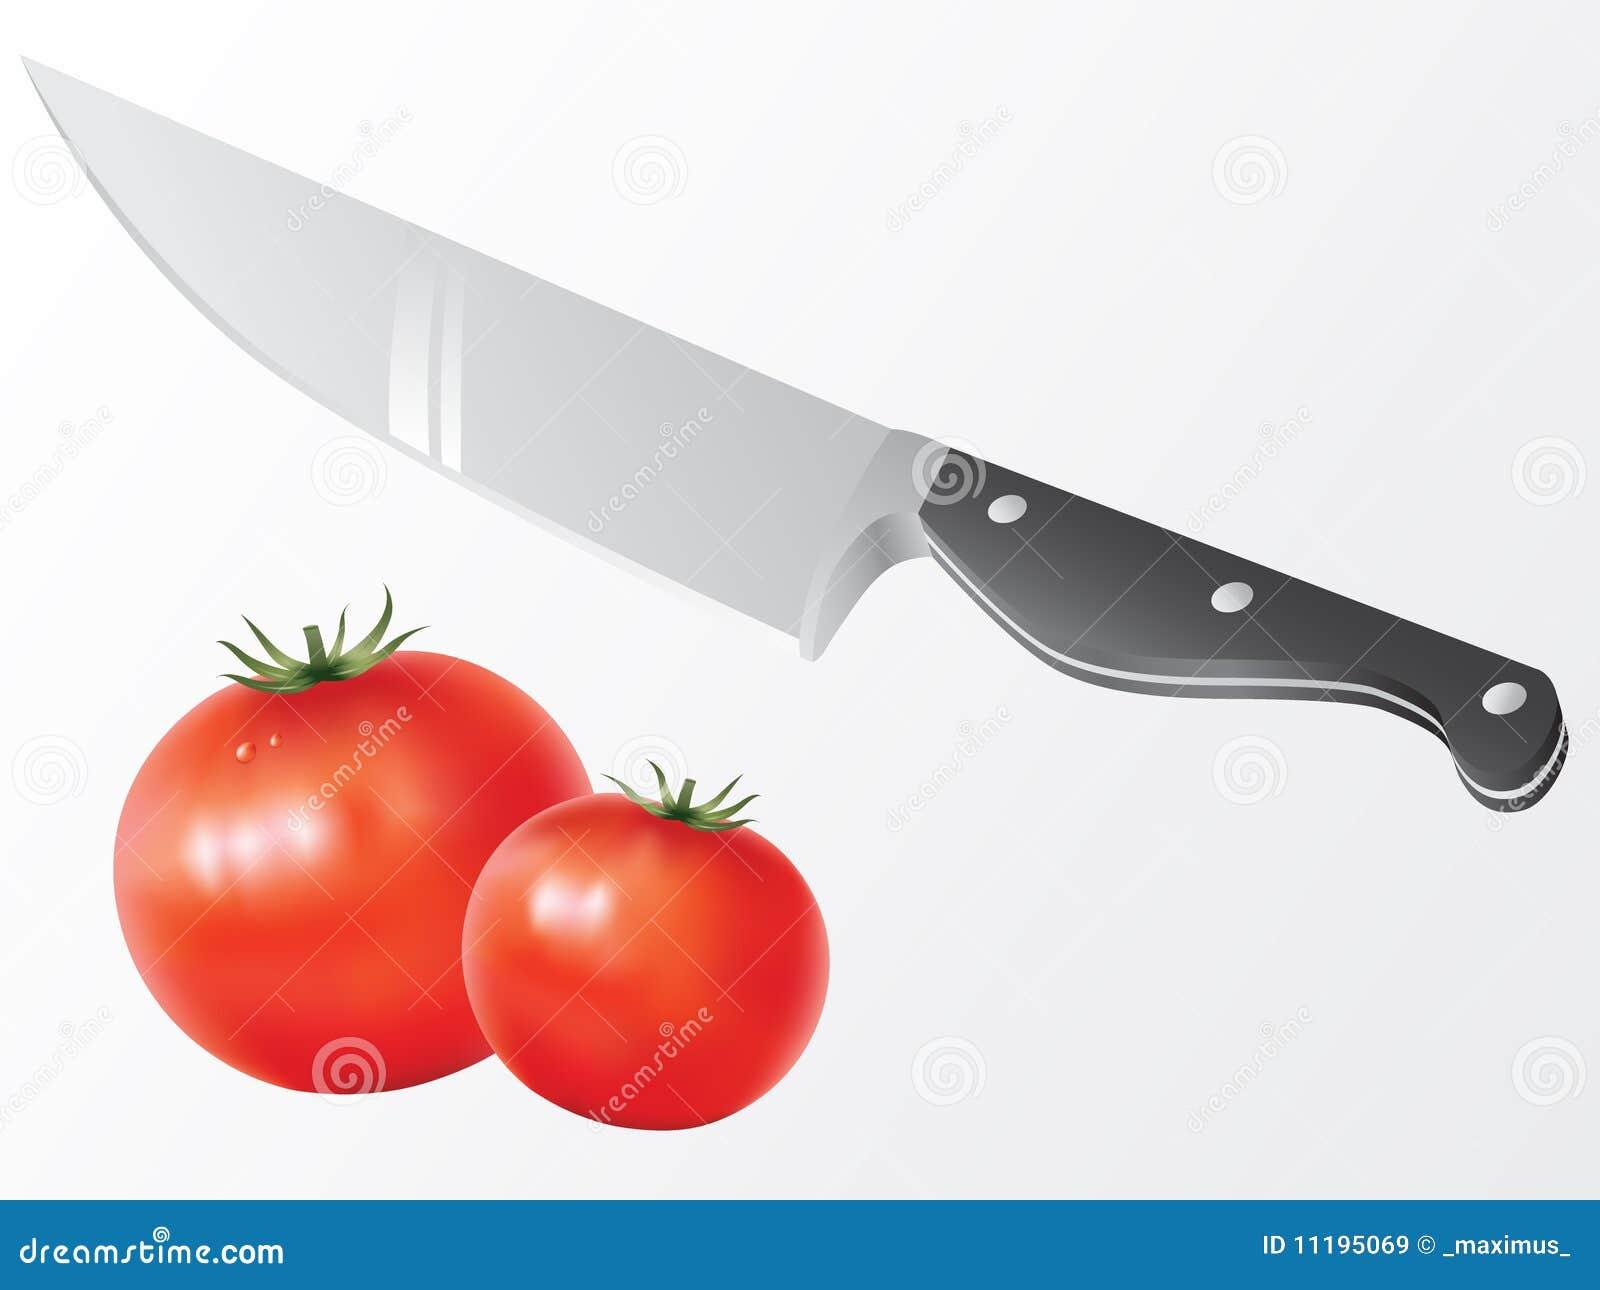 Vetor da faca e do tomate